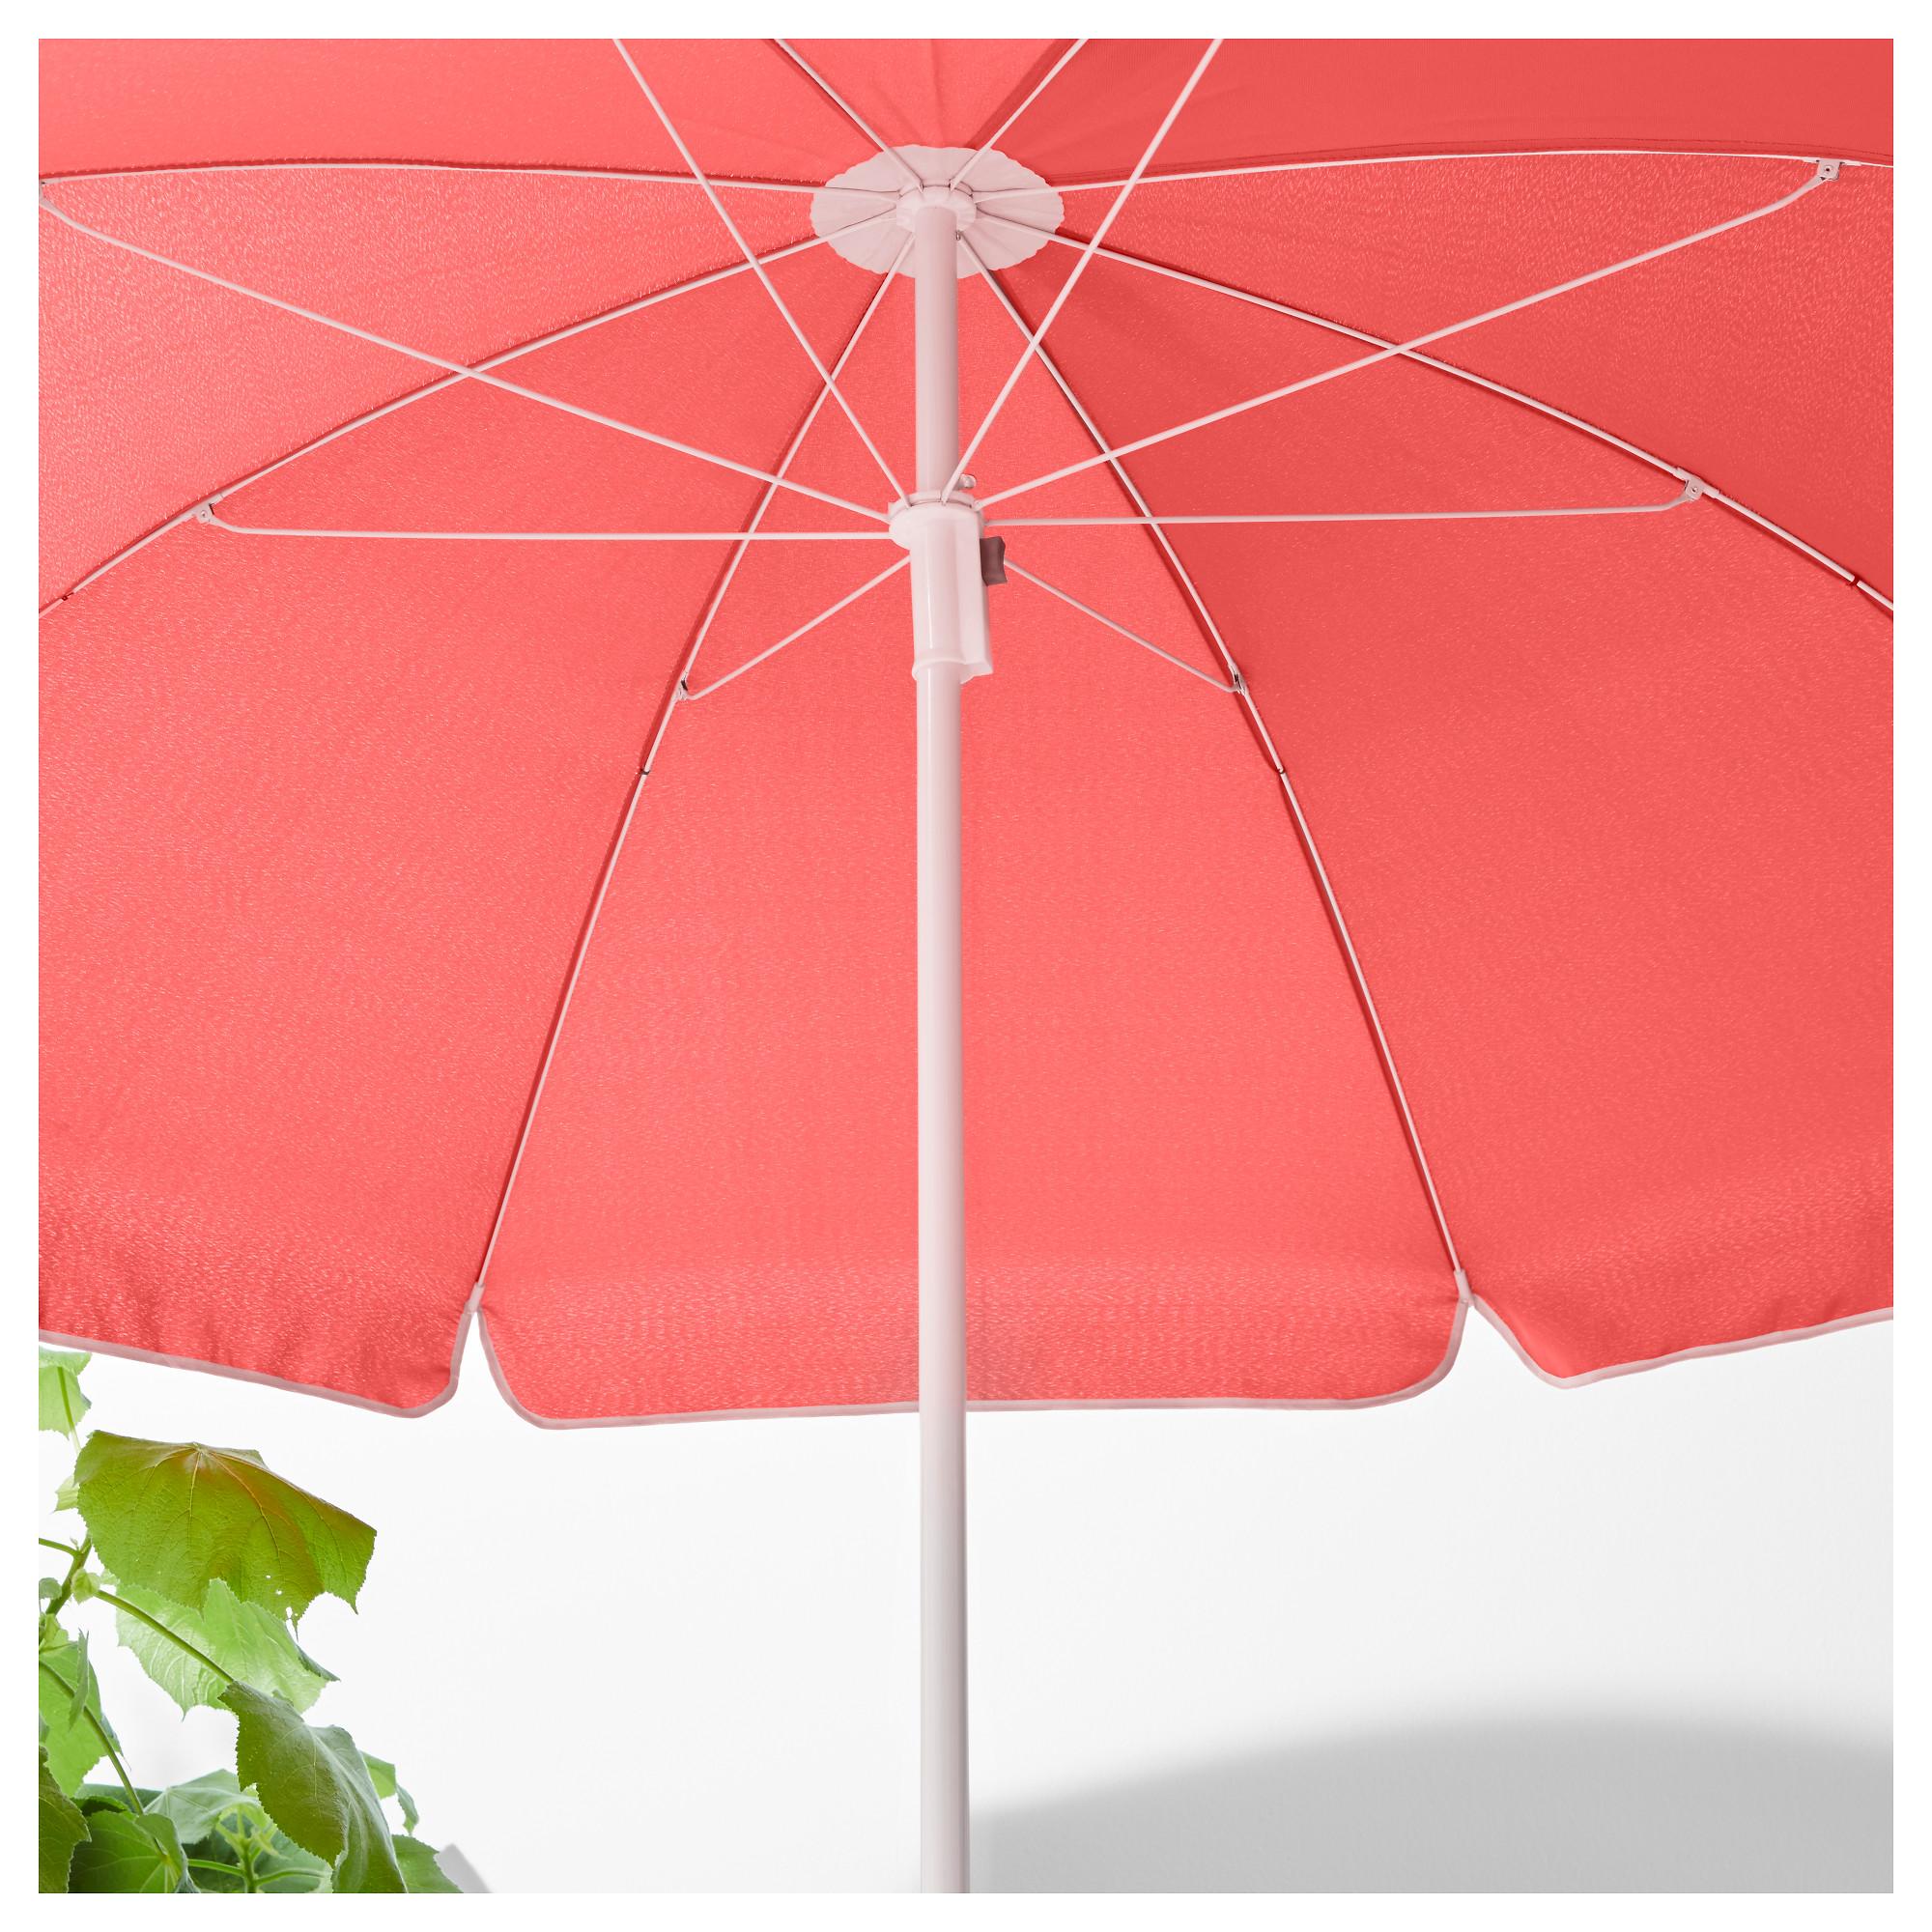 Как сделать зонтик то солнца 643